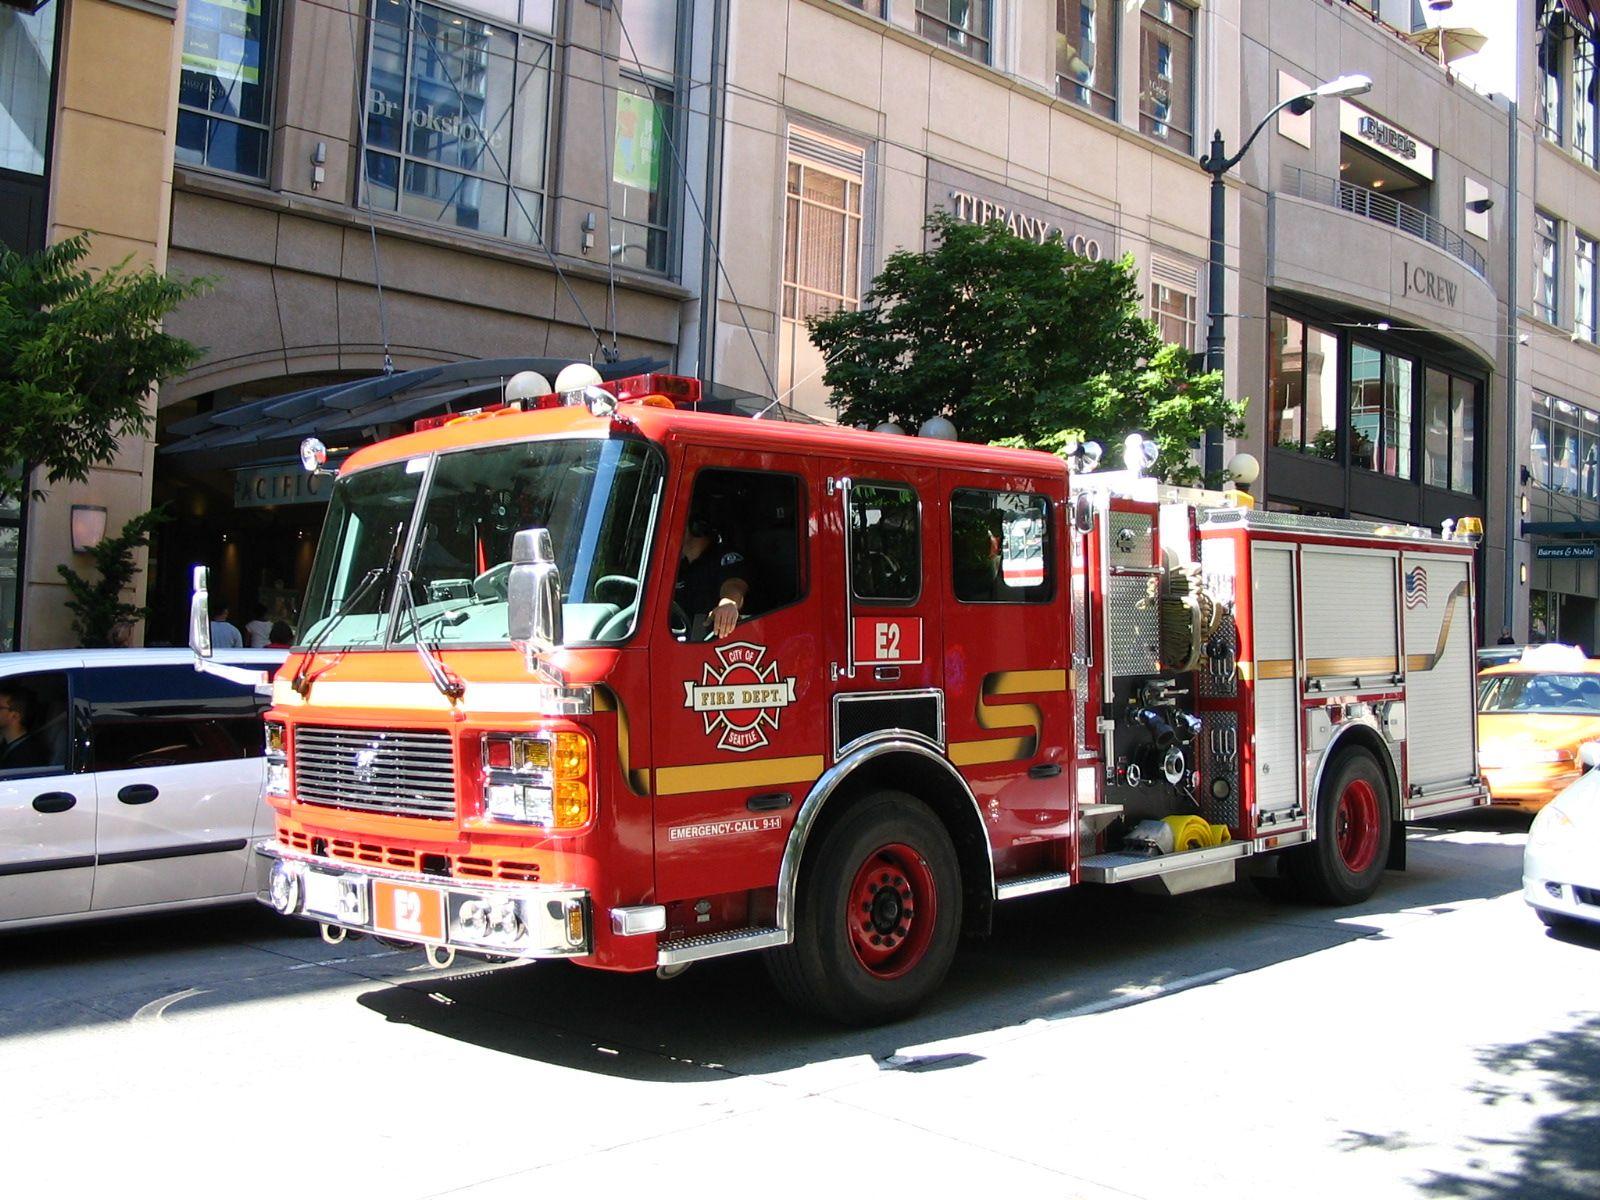 Seattle fire truck | Fire Apparatus | Fire equipment, Trucks